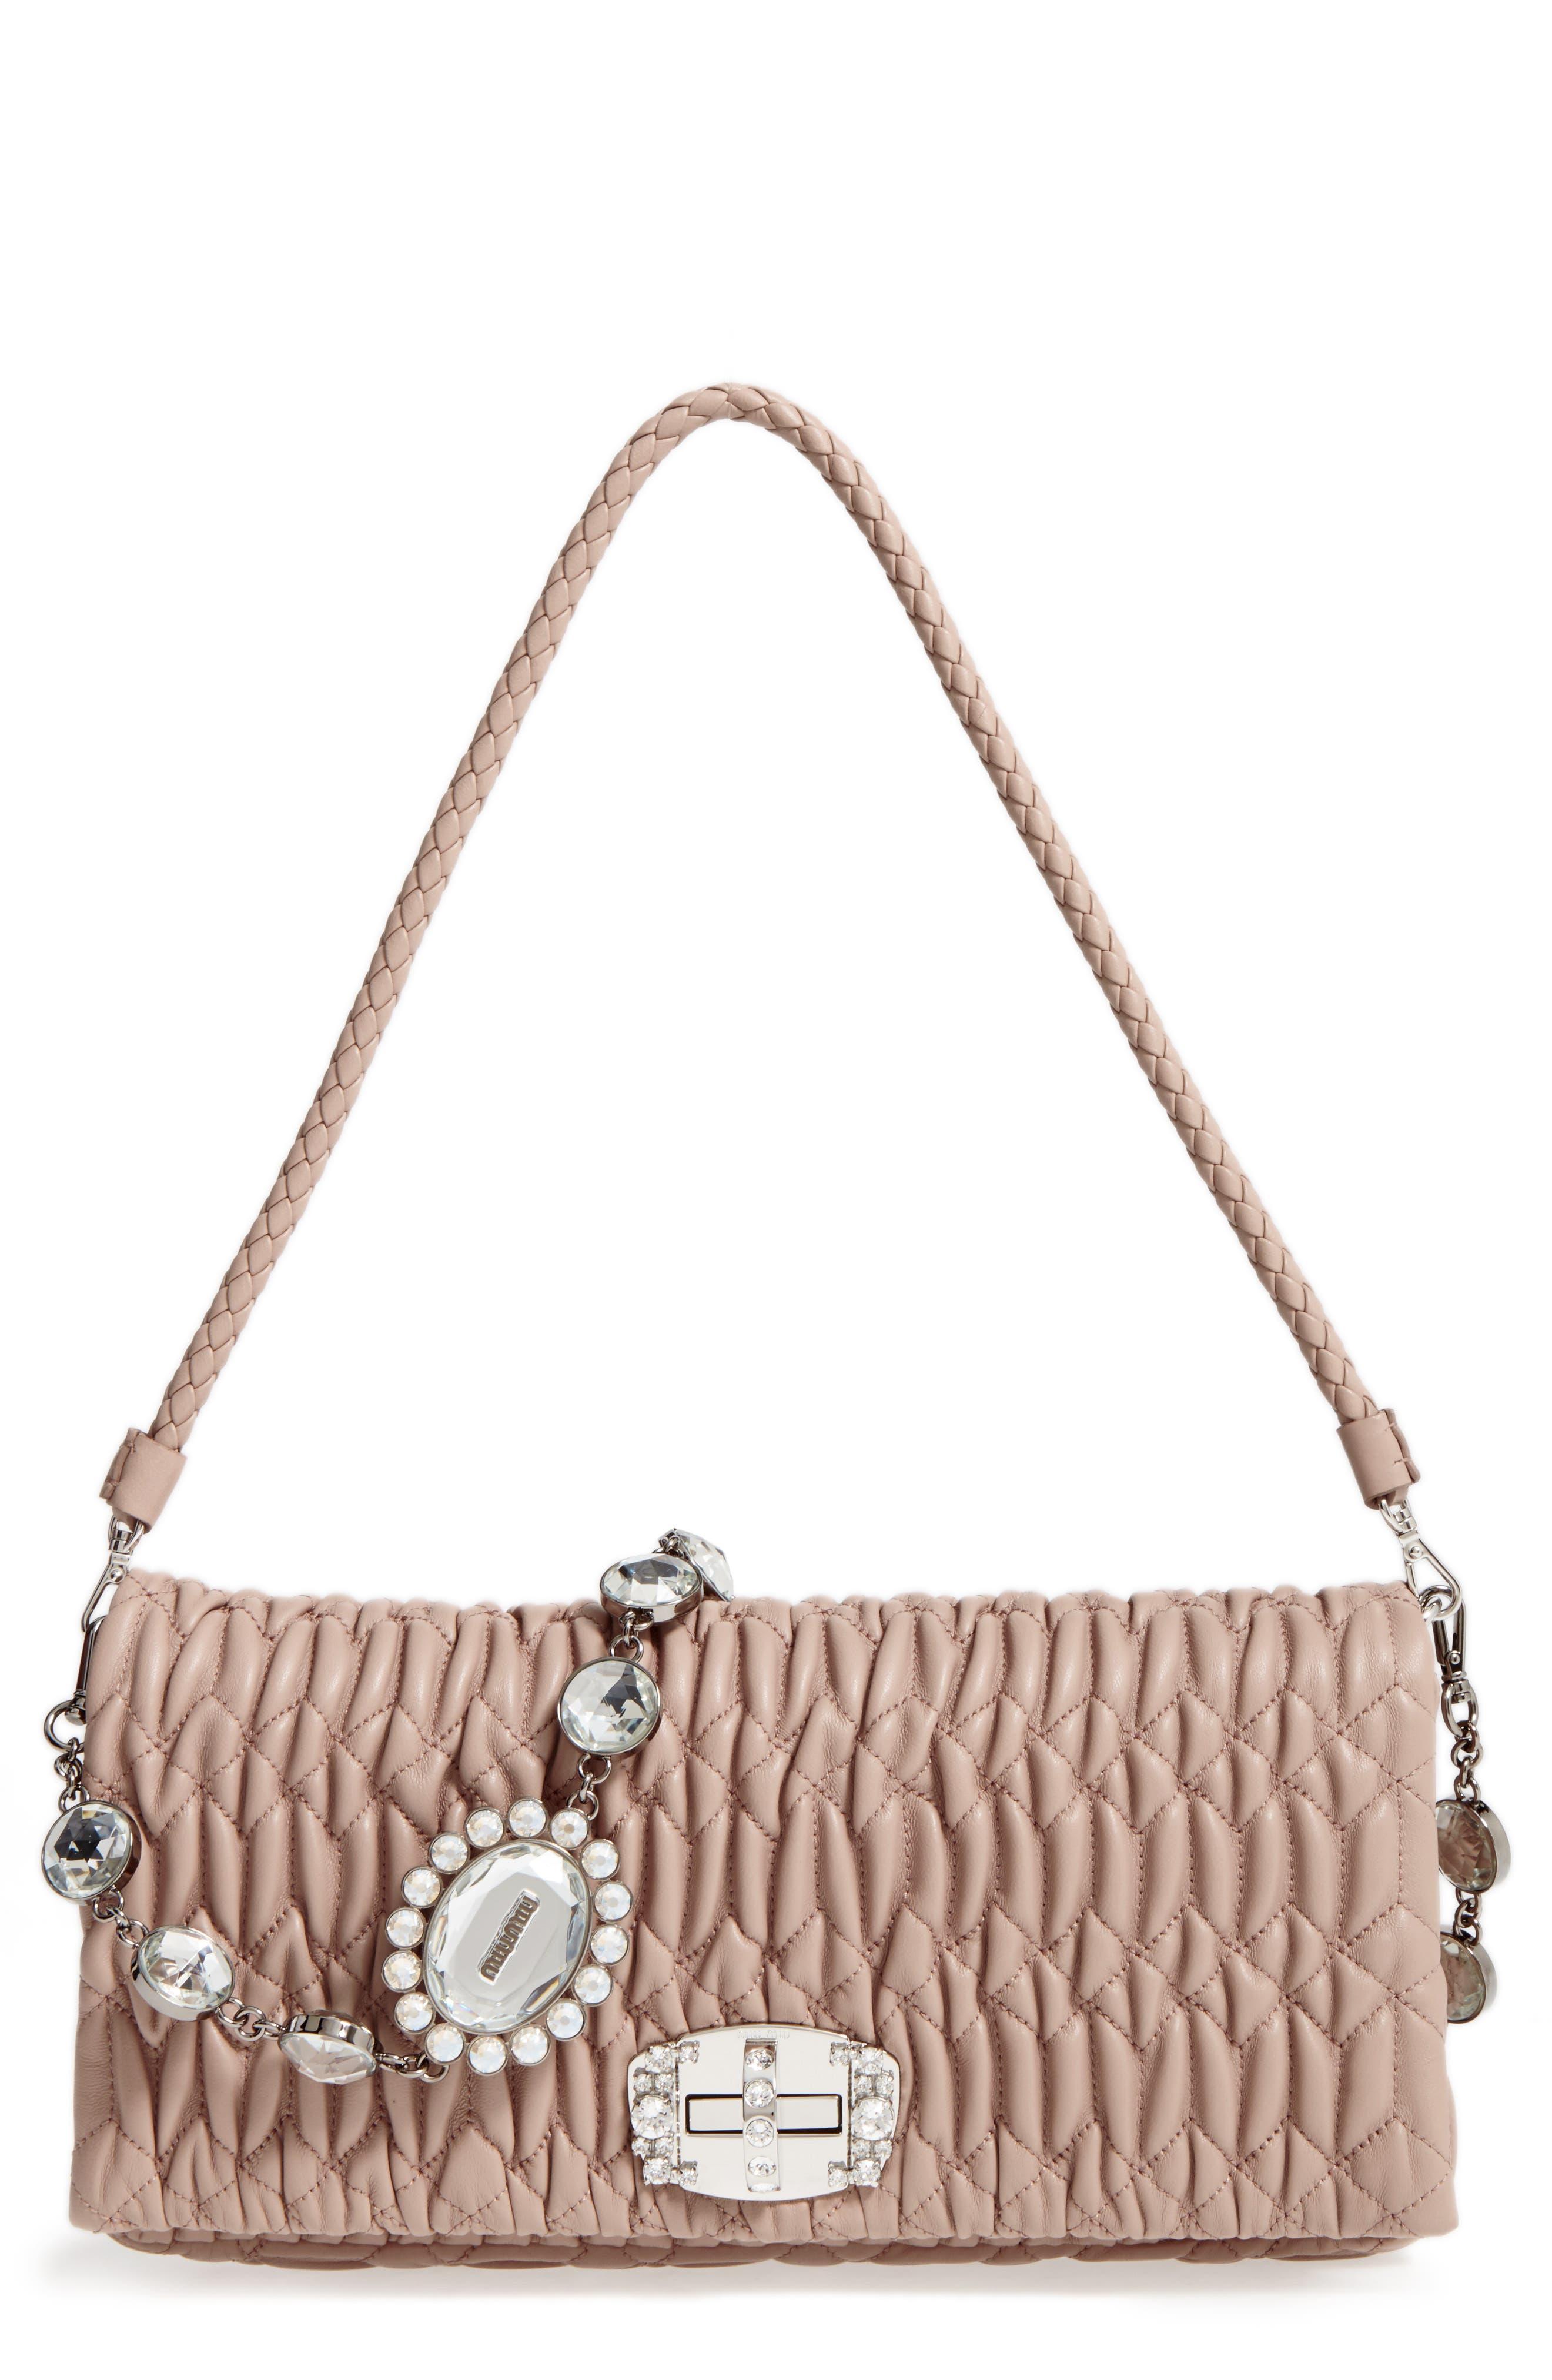 Main Image - Miu Miu Medium Crystal Matelassé Leather Crossbody Bag